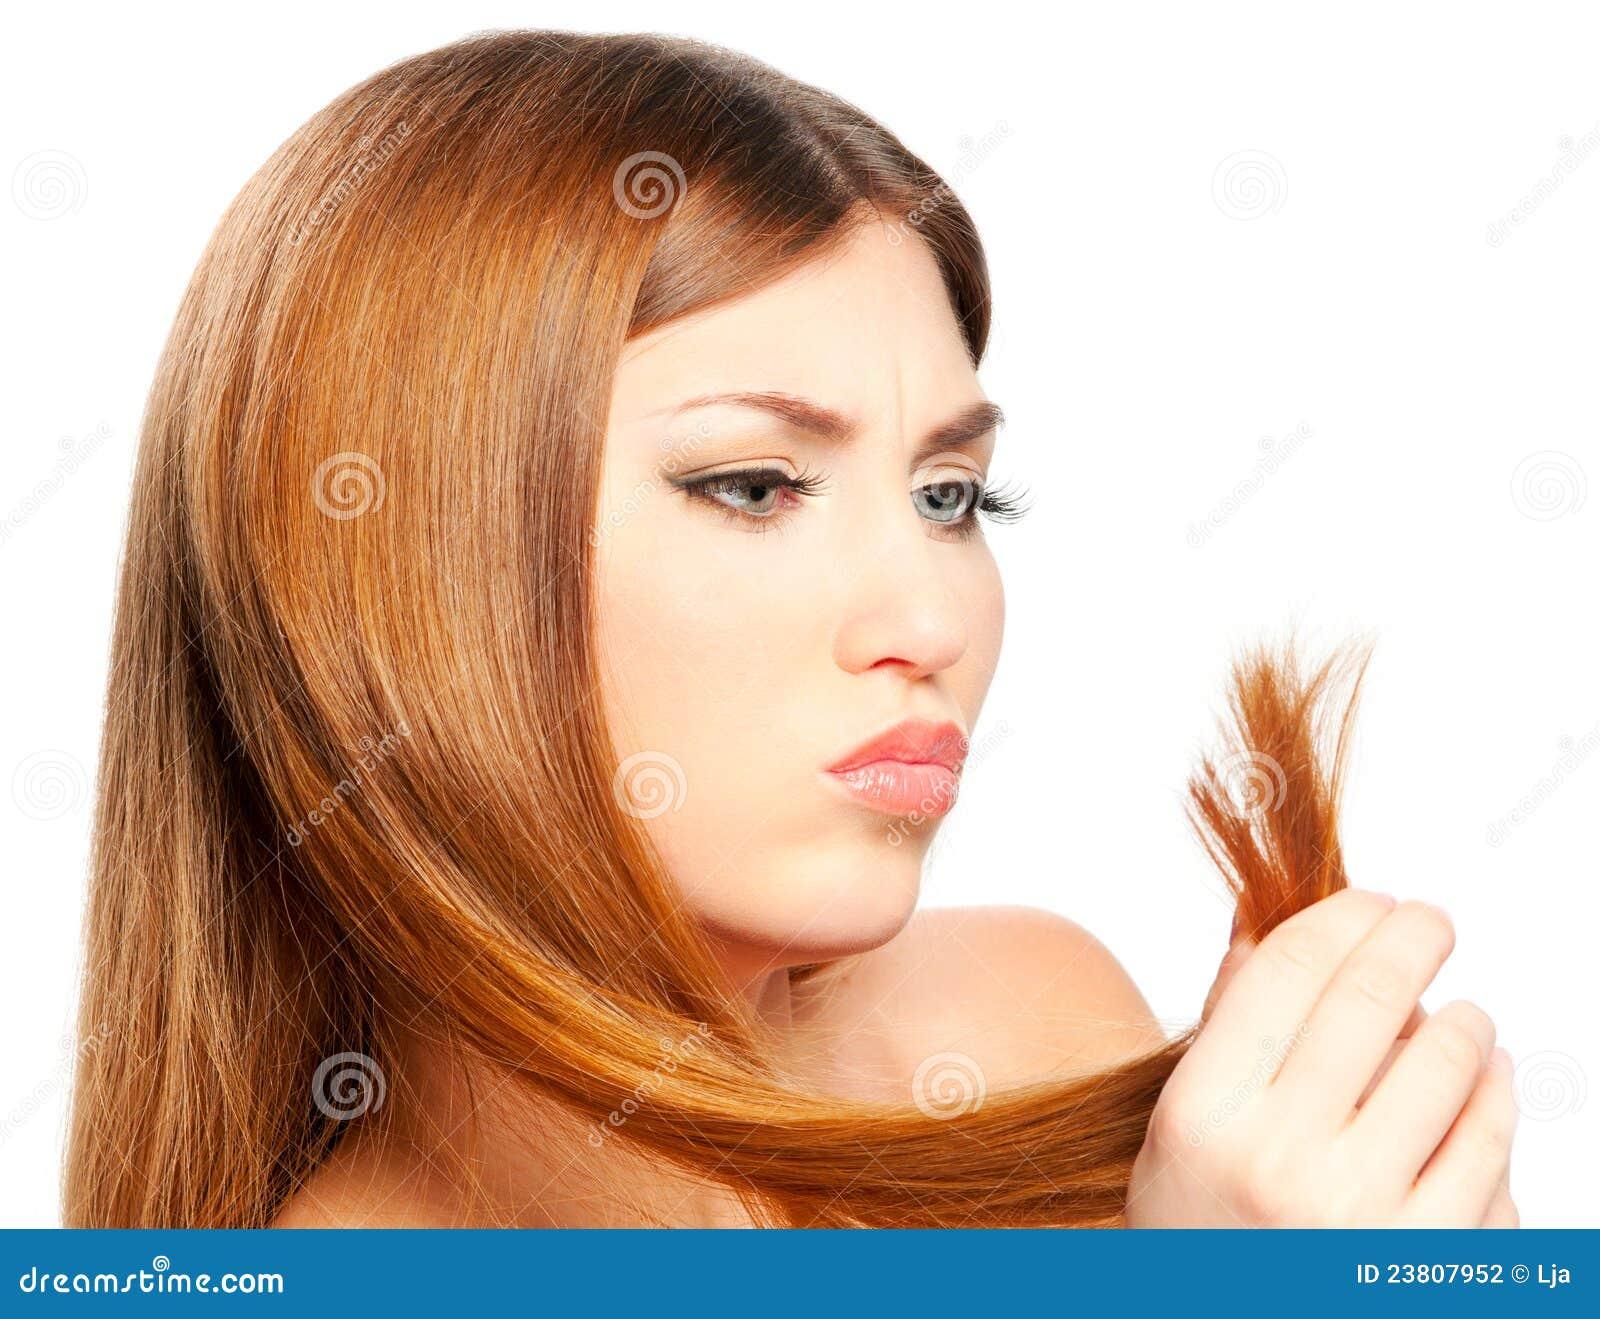 Как запаять сеченые кончики волос в домашних условиях